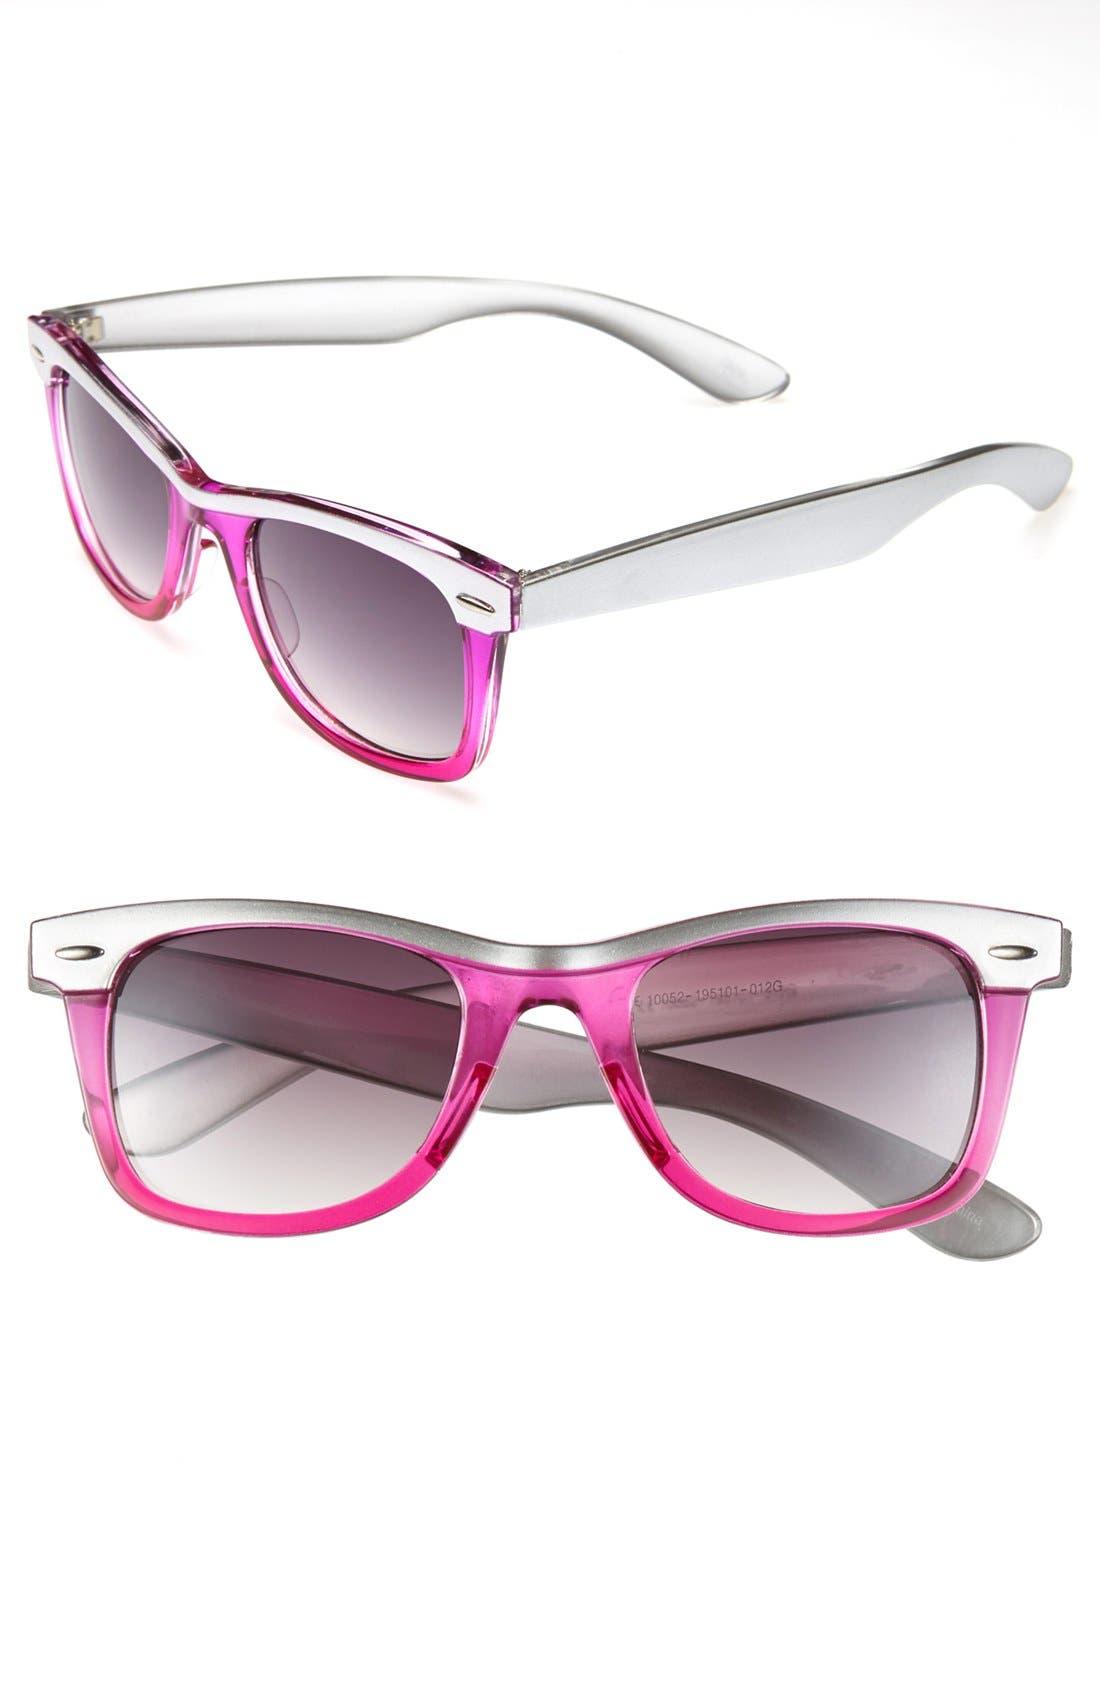 Alternate Image 1 Selected - Icon Eyewear Retro Sunglasses (Girls)